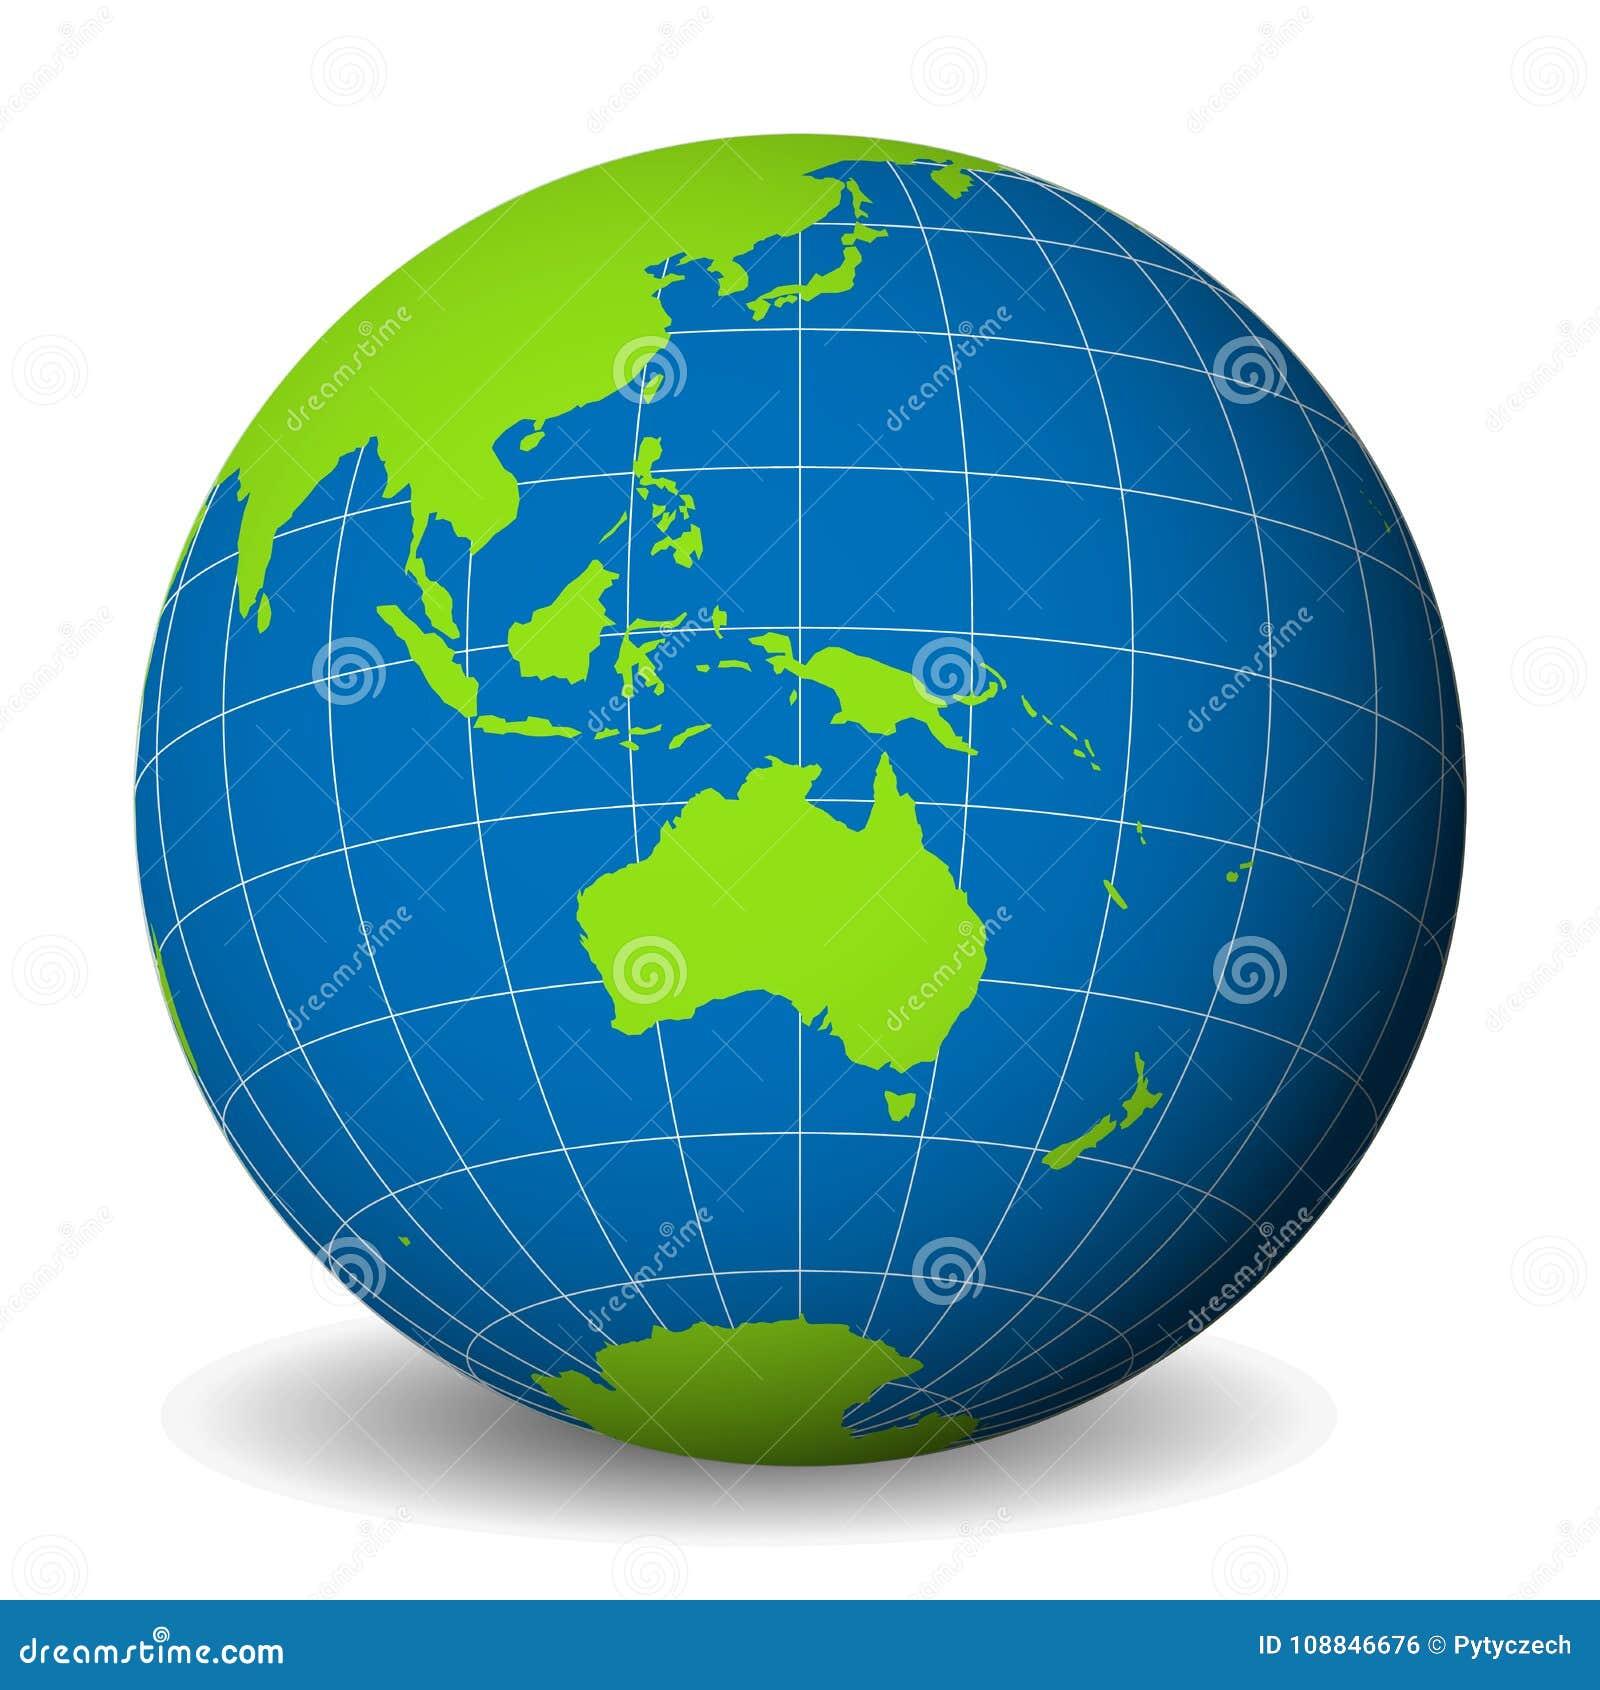 Ziemska kula ziemska z zieloną światową mapą, błękitni oceany i morza i skupiał się na Australia Z cienkimi białymi południkami i